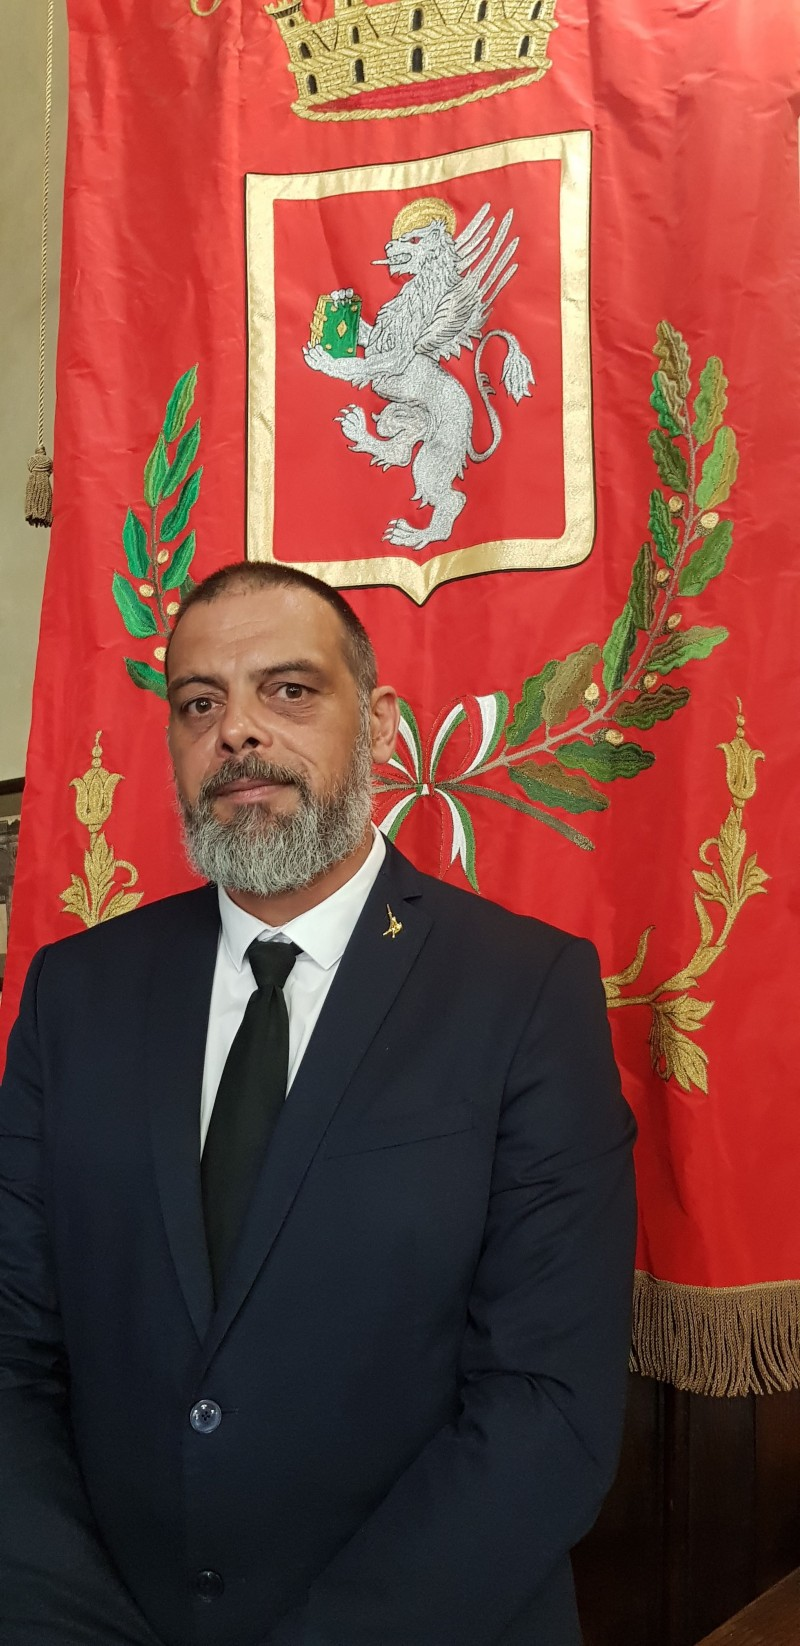 Il consigliere comunale della Lega di Cortona Luca Ghezzi risponde al capogruppo Pd Bernardini